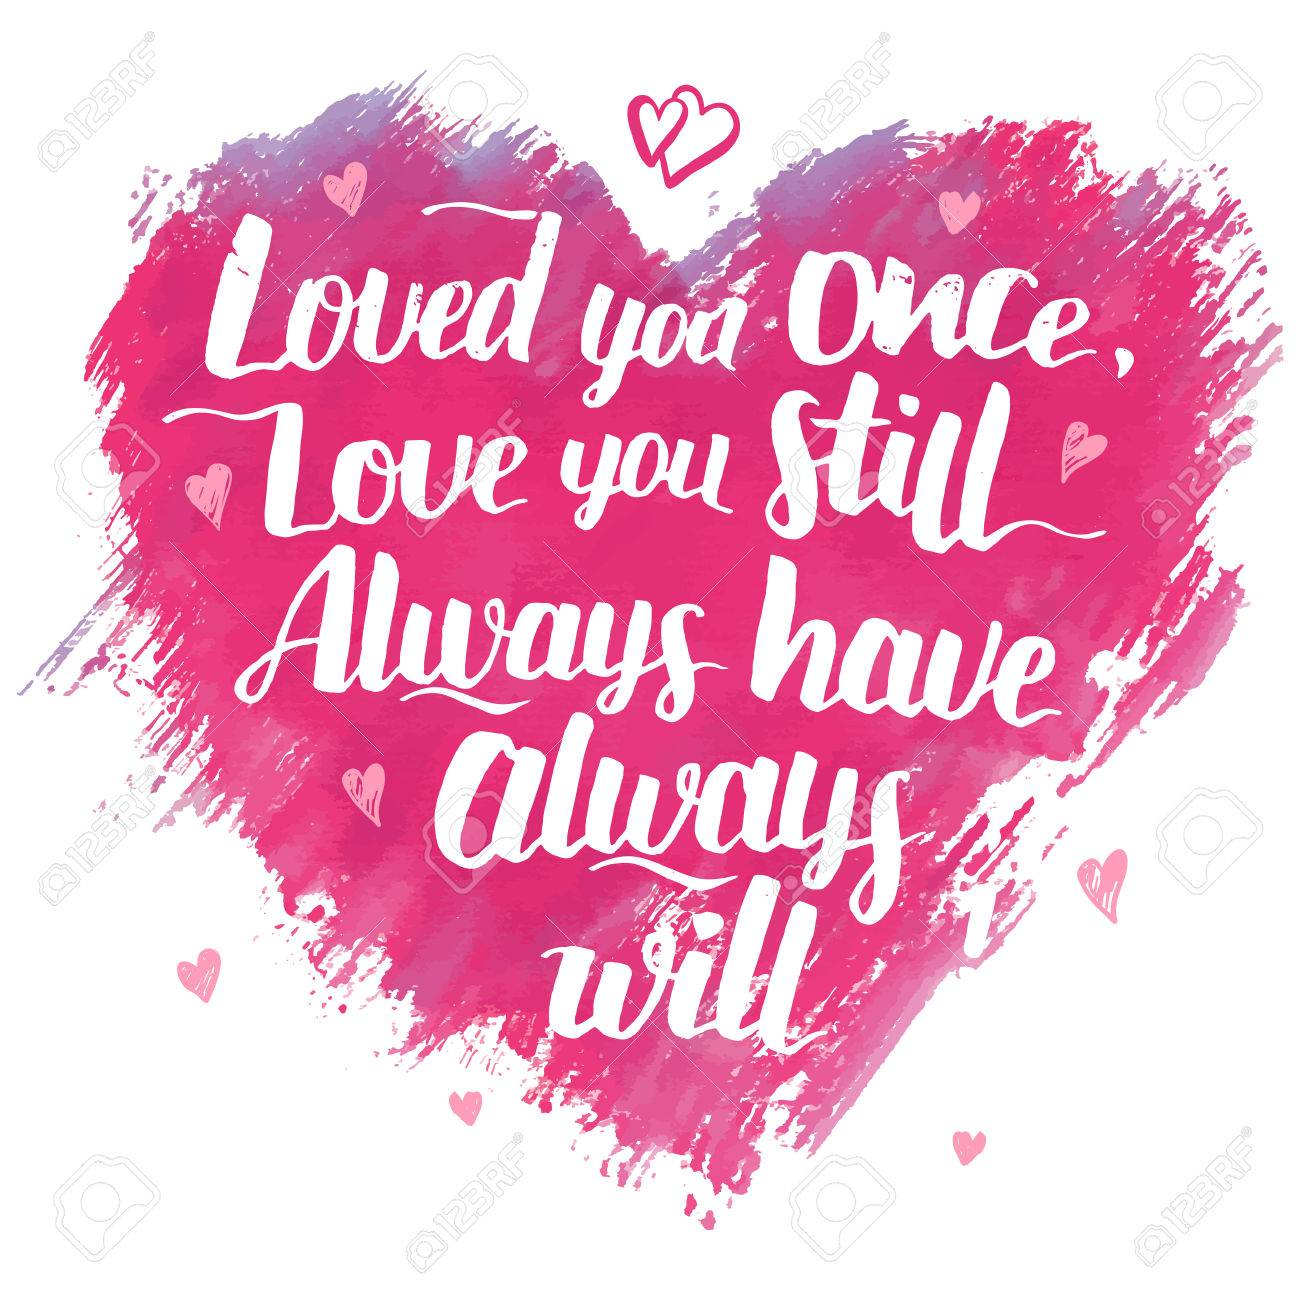 Te Quiero Una Vez Te Amo Todavía Siempre Tienen Siempre Lo Hará Pincel De Caligrafía Frase Amor Manuscrita Cita Del Amor Para El Día De San